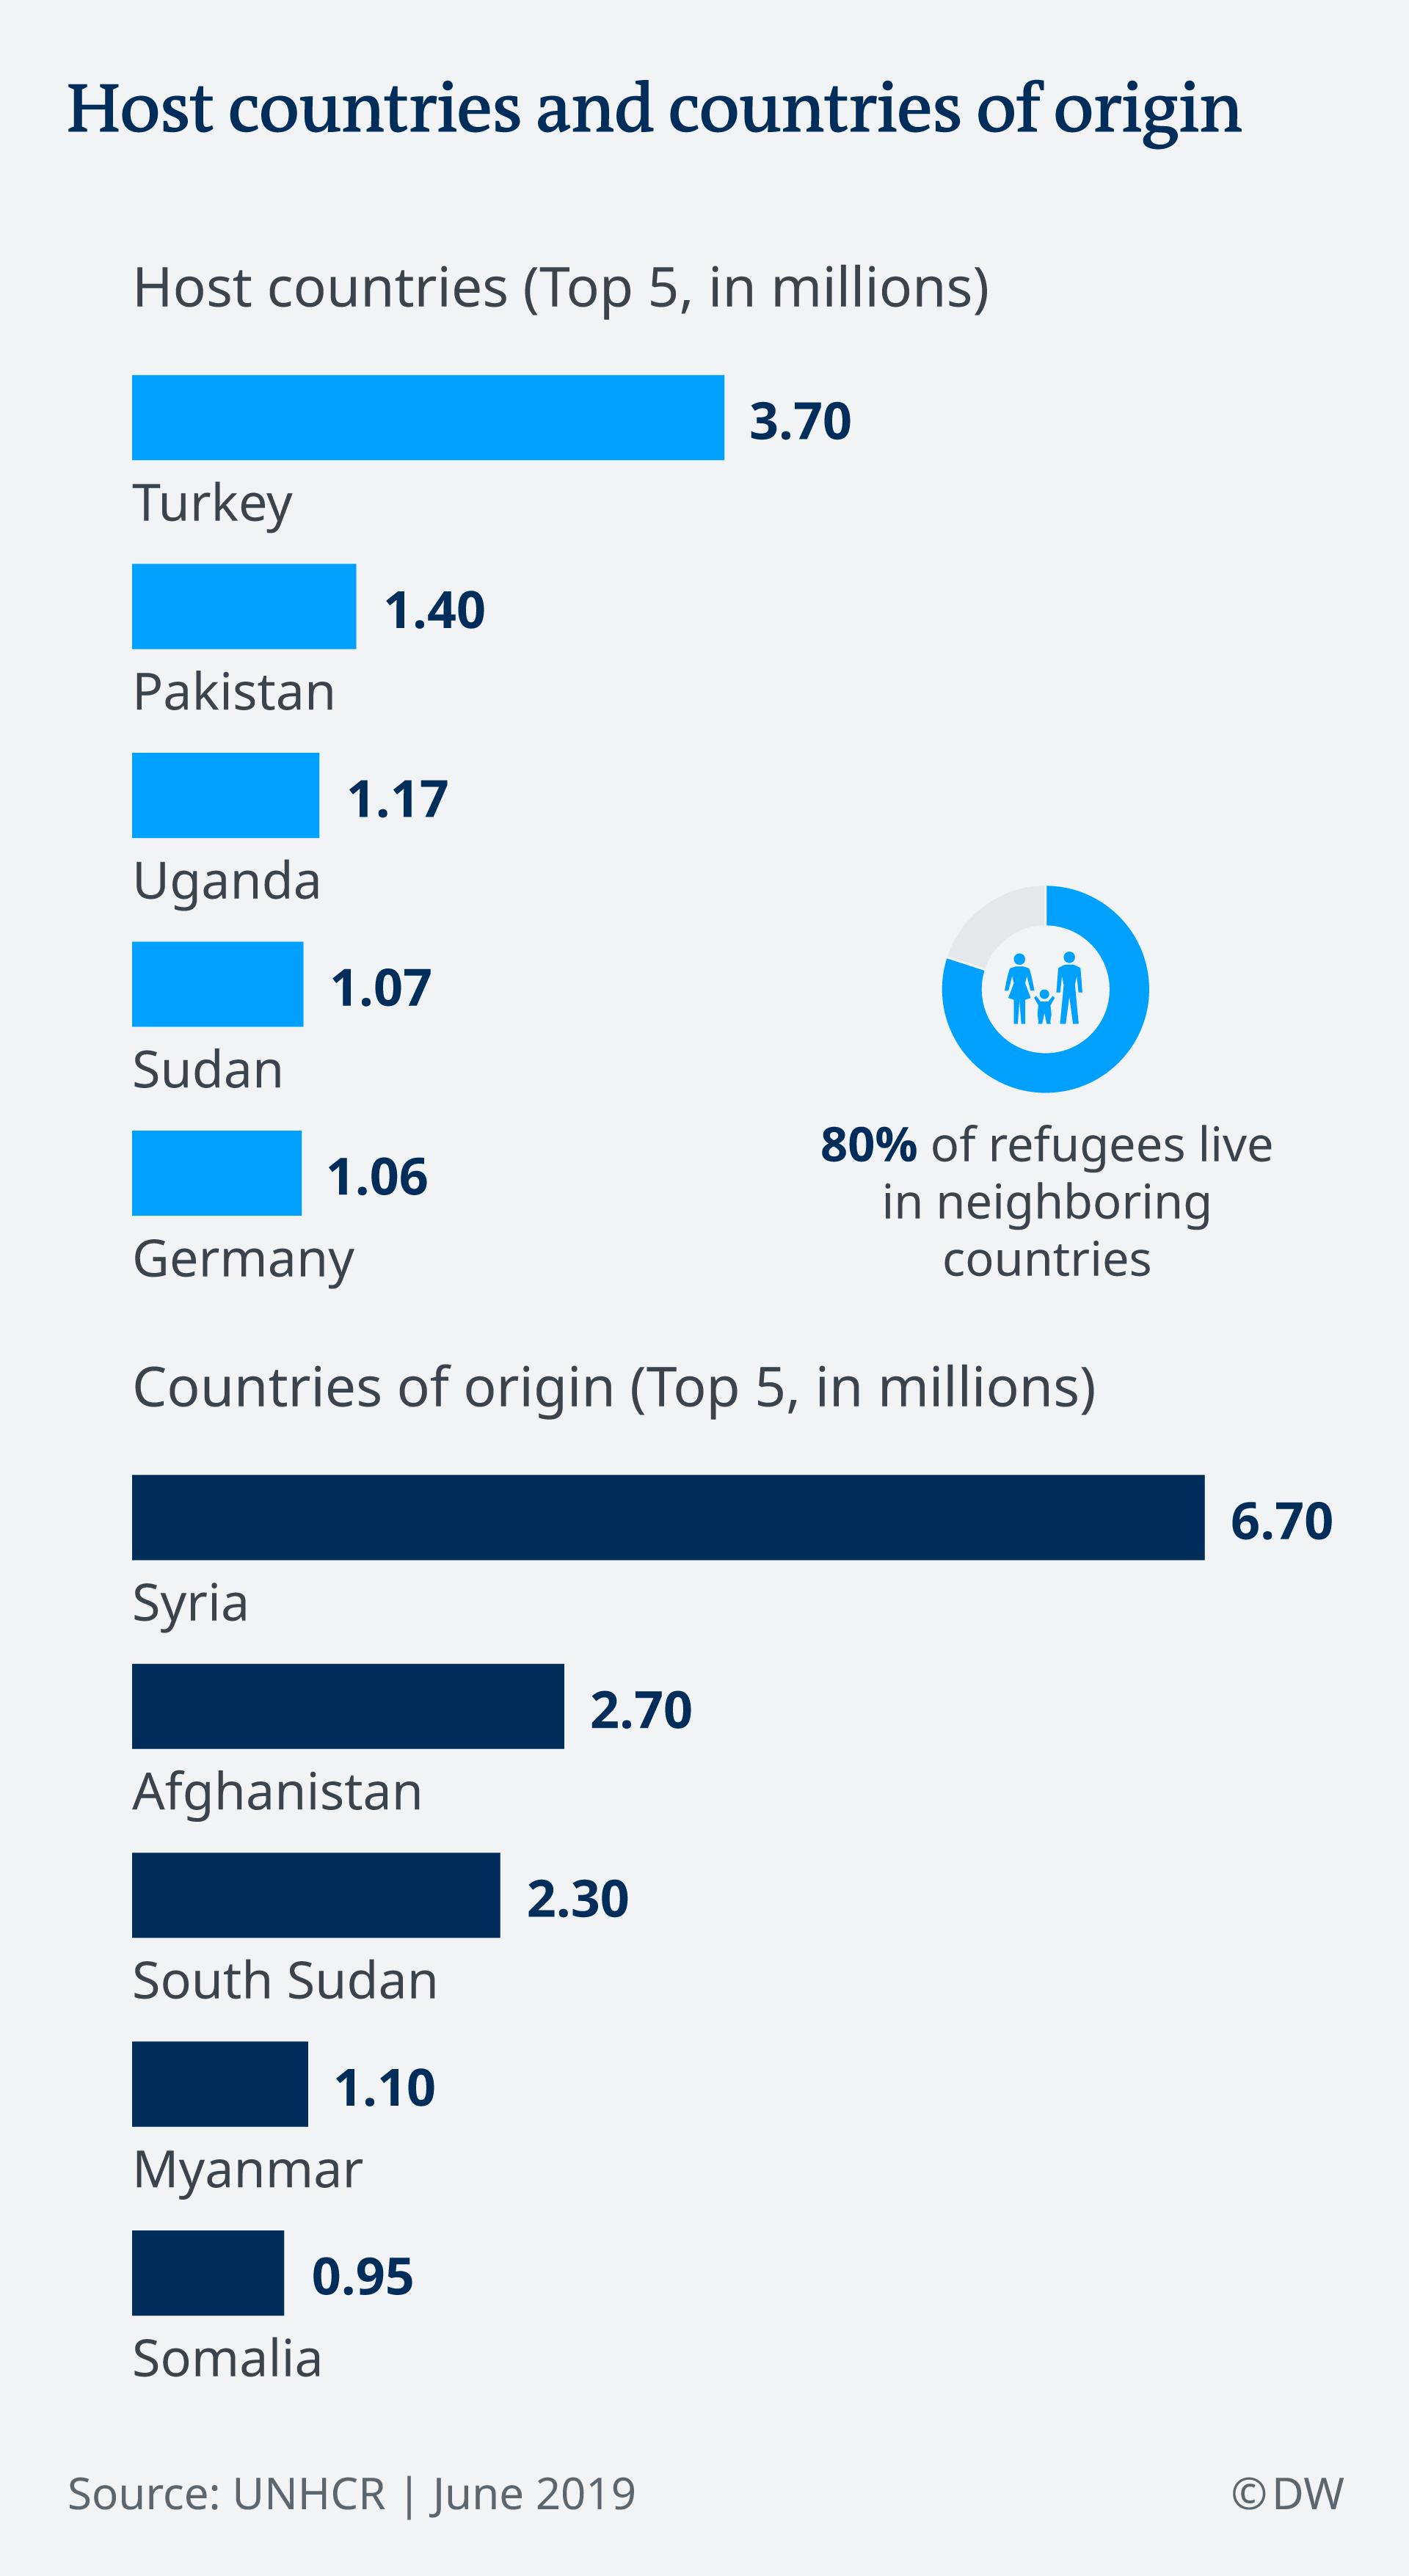 Πίνακας με τις χώρες που έχουν υποδεχθεί τους περισσότερους πρόσφυγες και τις χώρες από όπου έχουν τραπεί σε φυγή οι περισσότεροι άνθρωποι.